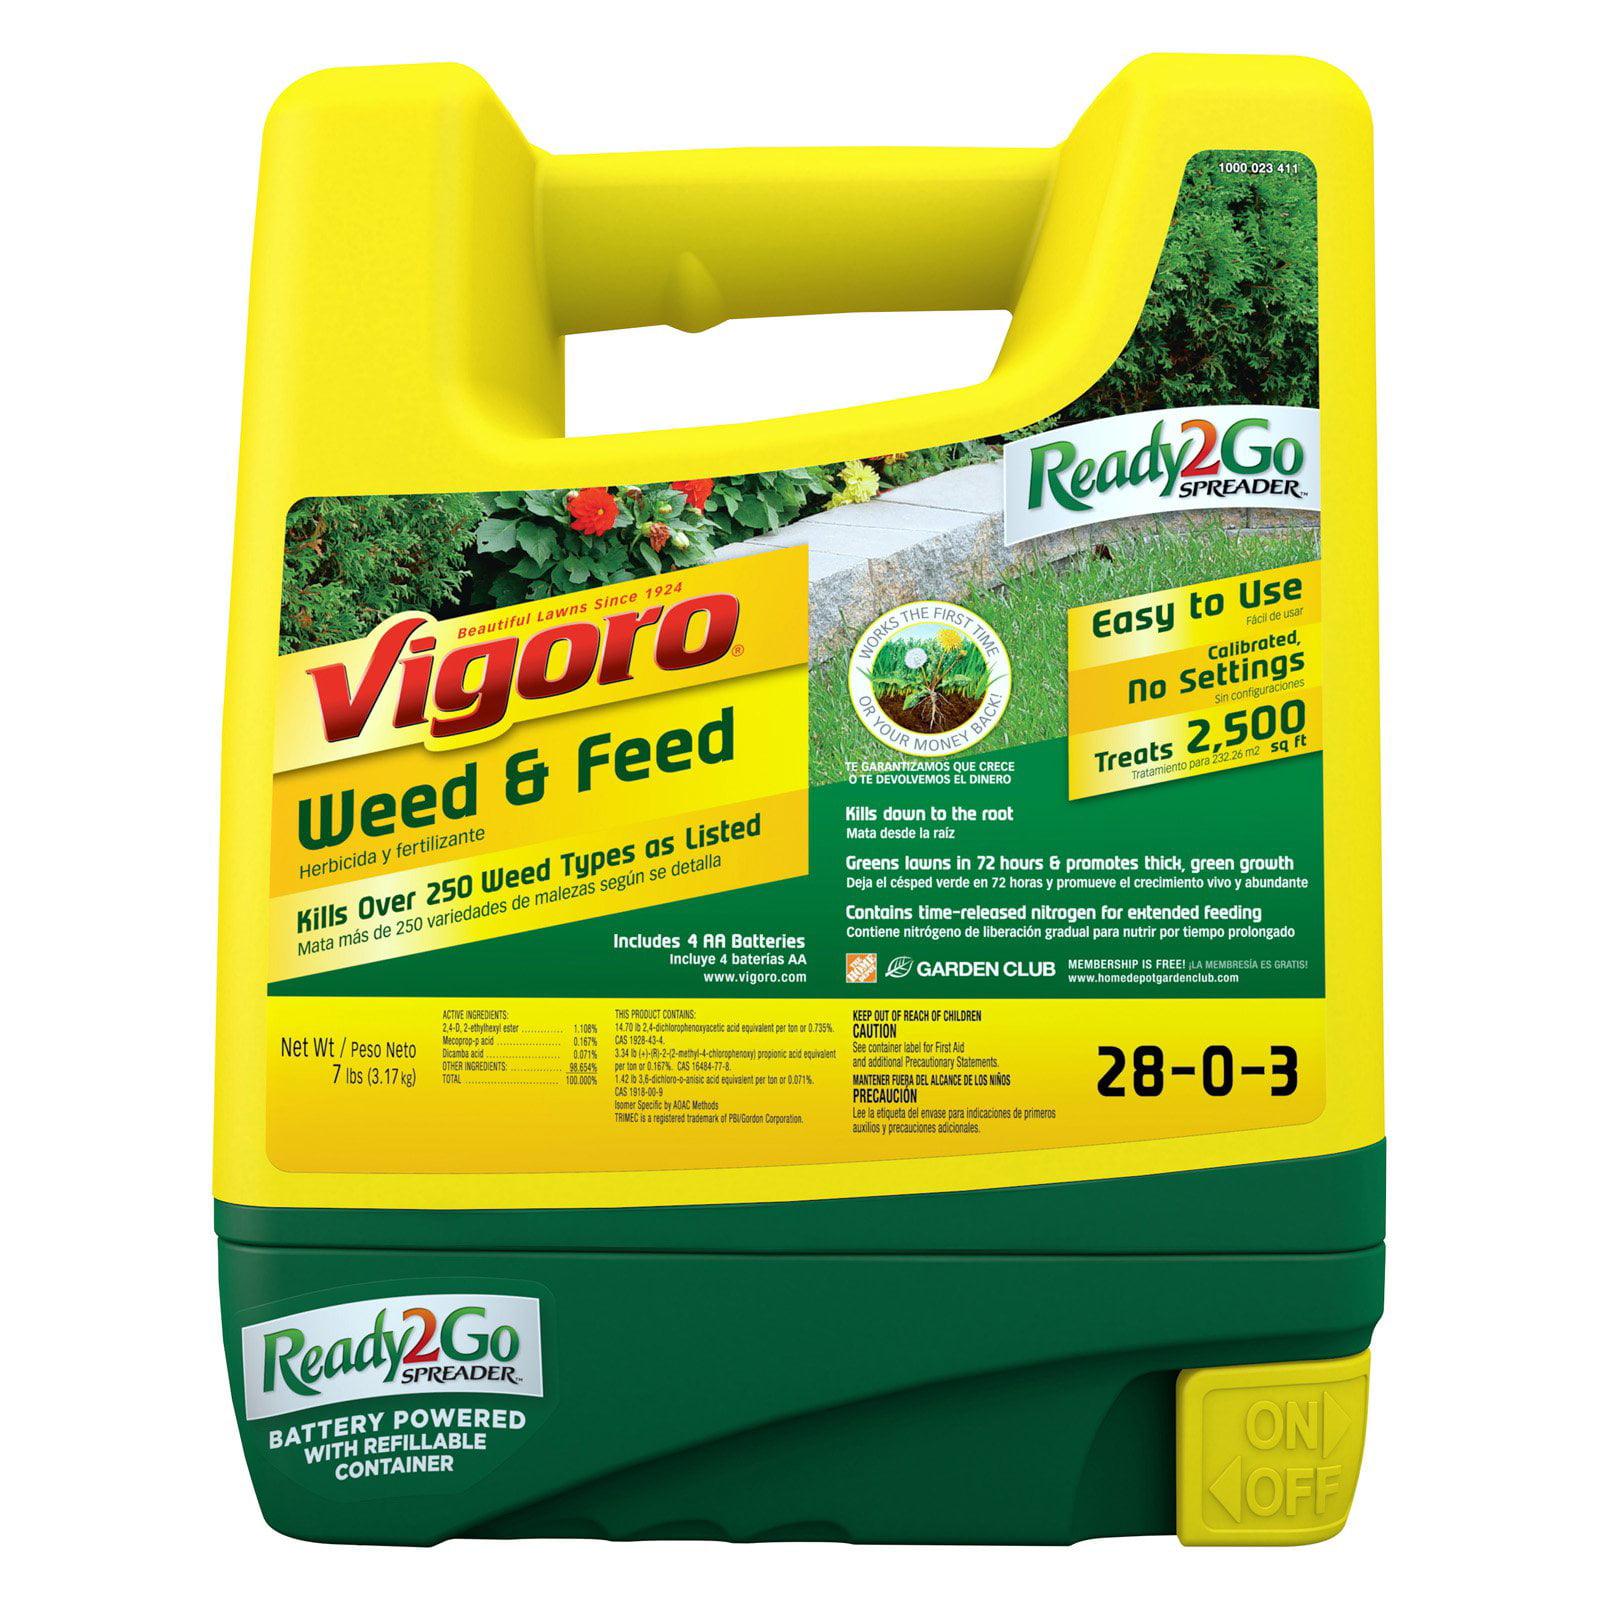 Vigoro Ready-2-Go Weed and Feed Spreader - Walmart.com